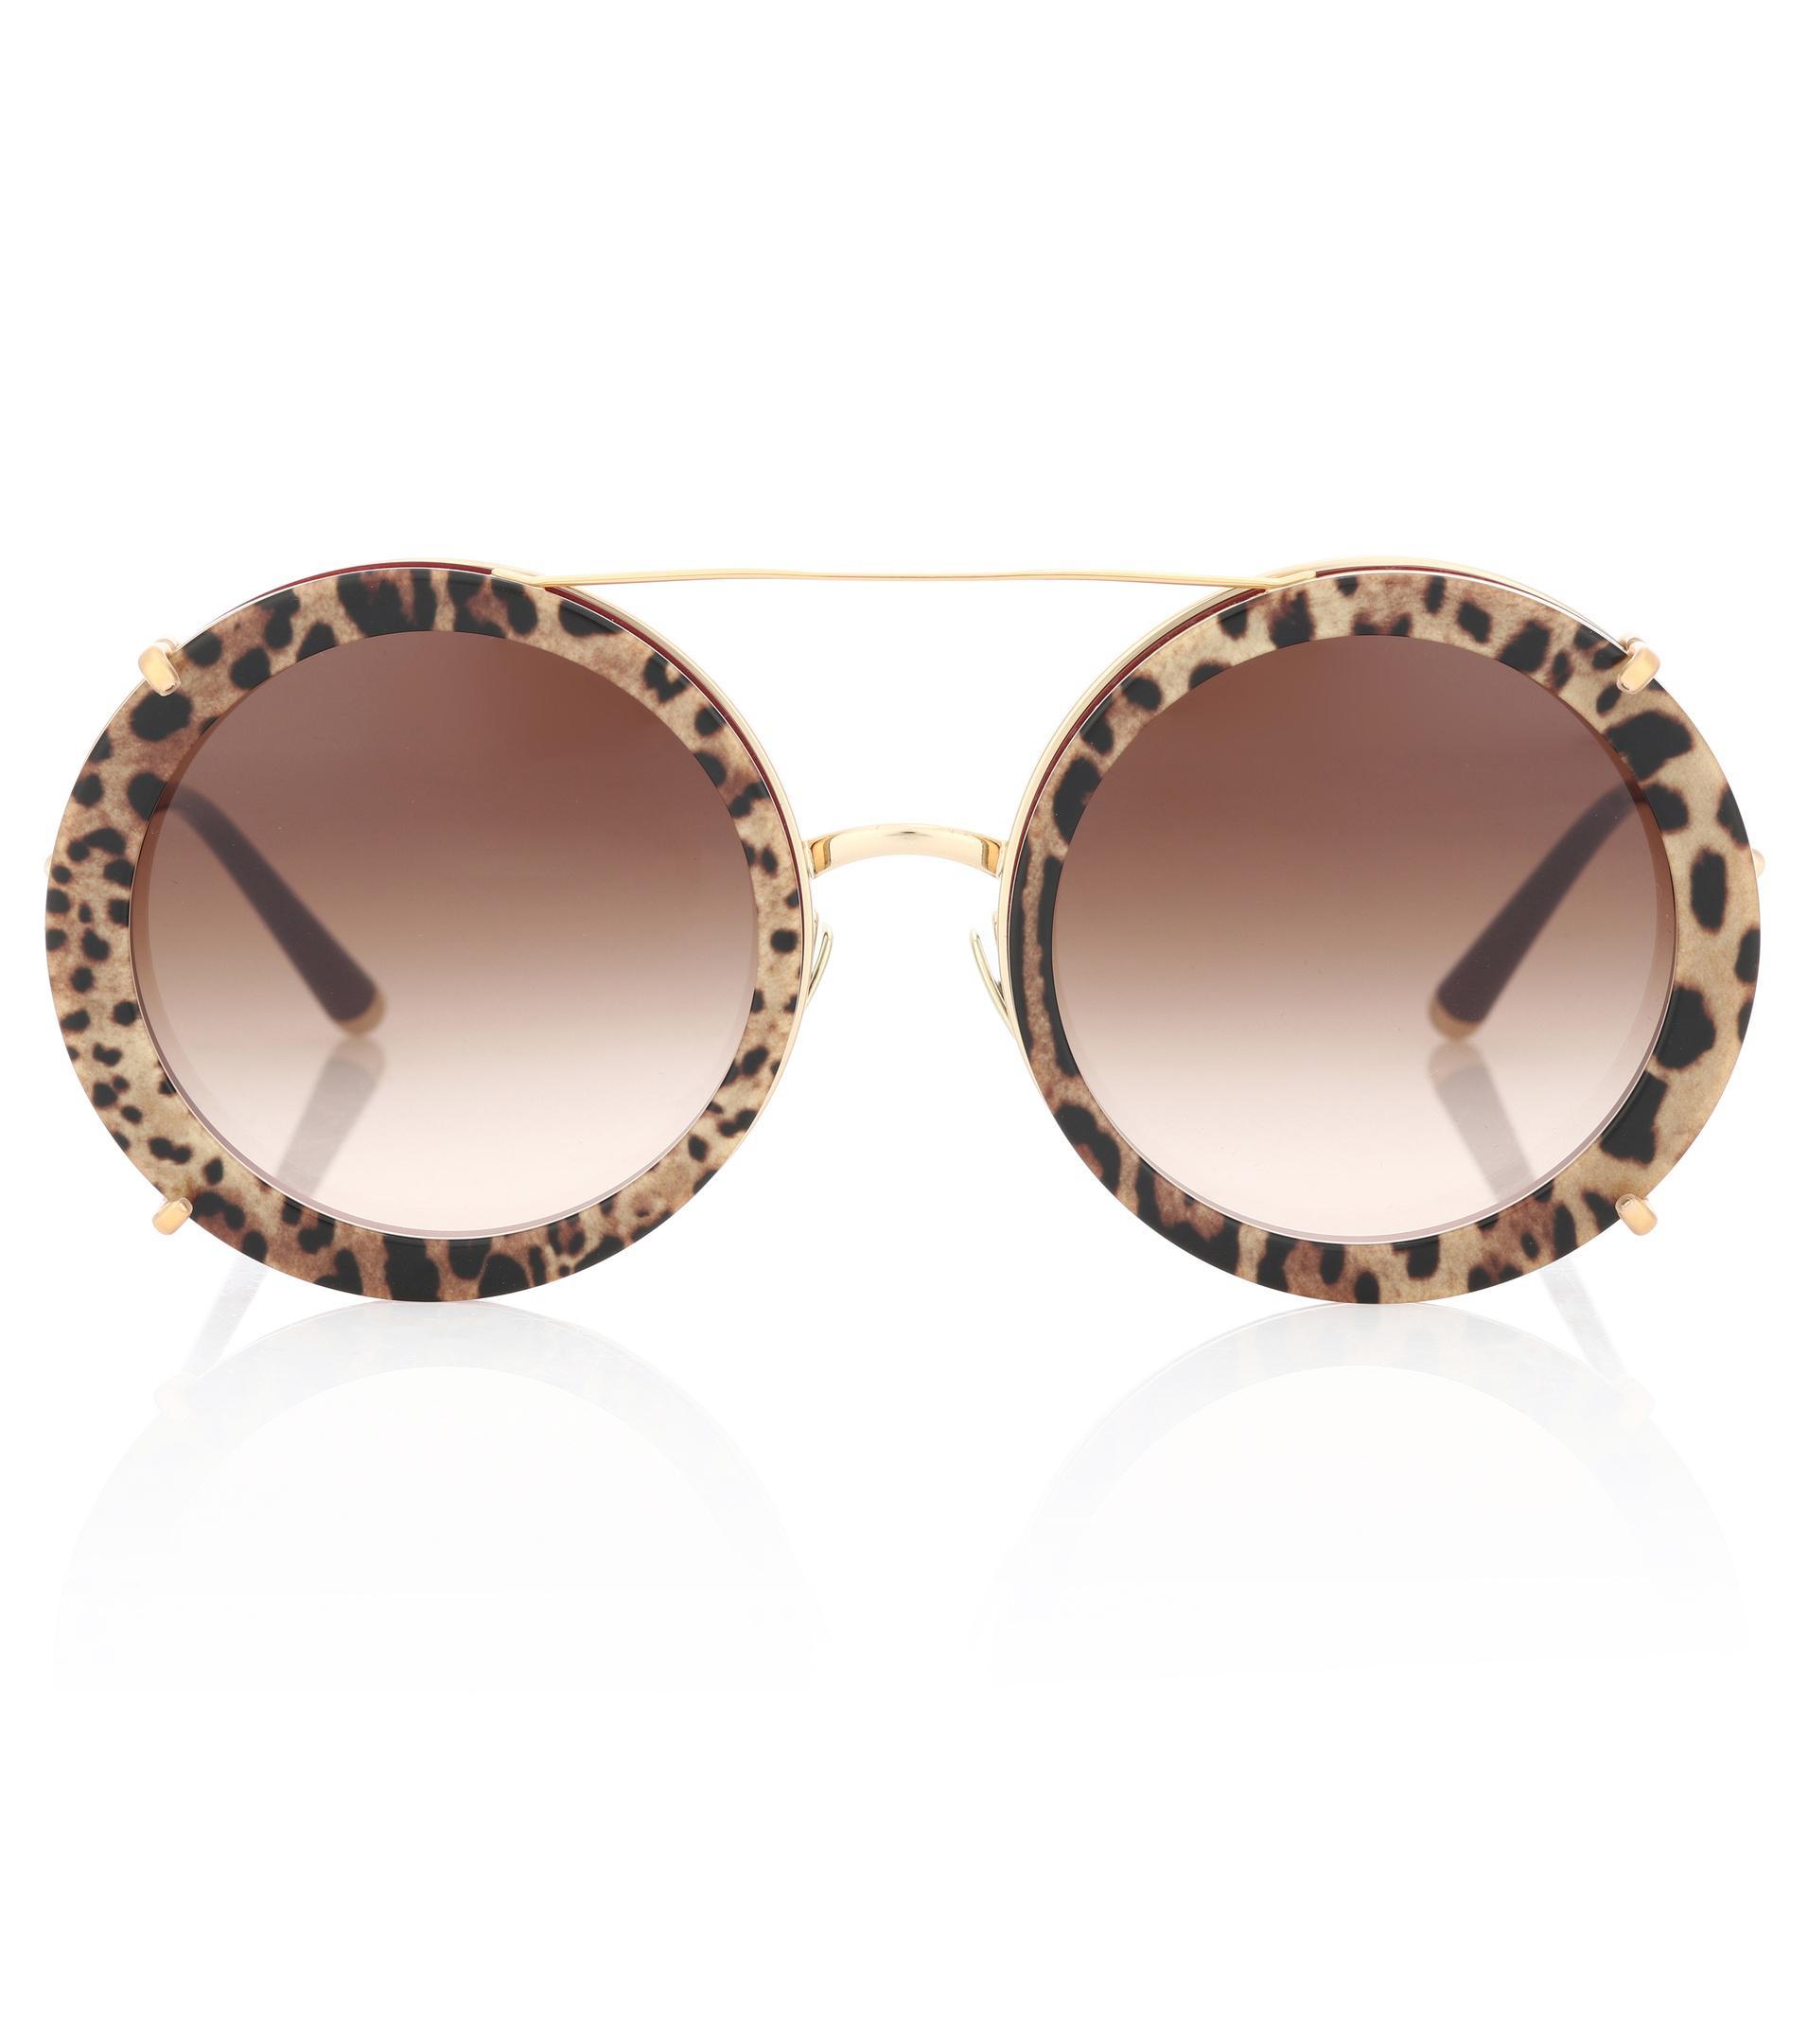 En « Coloris » Gabbana Bordures Métal De Lunettes Soleil Rondes Avec Sacro Dolceamp; Brown Cuore OnPwk0